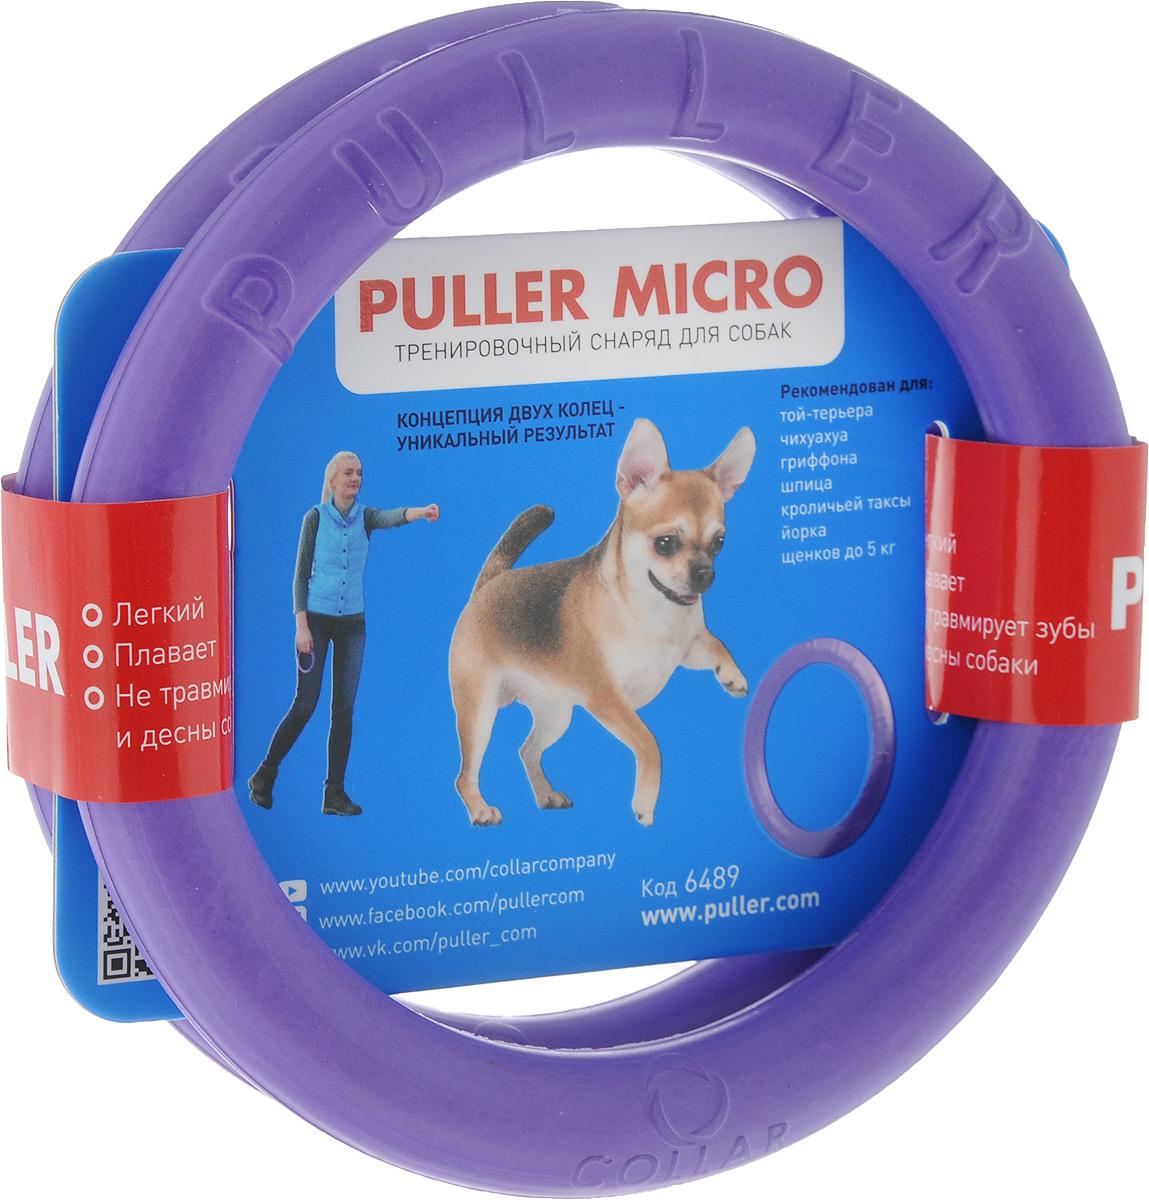 Снаряд тренировочный Puller Micro, для собак, диаметр 13 см6489Тренировочный снаряд Puller Micro, выполненный из высококачественного полимера, предназначен для мелких и декоративных пород собак. Изделие укрепляет здоровье собаки и делает ее более послушной.Puller Micro - тренировочный снаряд для собак, состоящий из двух колец. Его задача - дать собаке необходимую физическую нагрузку, не увеличивая время выгула, а улучшая качество самой прогулки. Три простых упражнения с пуллером в течение всего 20 минут дадут нагрузку собаке равную 5 км бега. А это поможет решить такие частые проблемы как непослушание, порча предметов интерьера, излишняя агрессия, ожирение у собаки, болезни опорно-двигательного аппарата.Рекомендован для: - той-терьер, - чихуахуа, - гриффона,- шпица,- кроличьей таксы,- йорка,- щенков до 5 кг.кольДиаметр: 13 см.